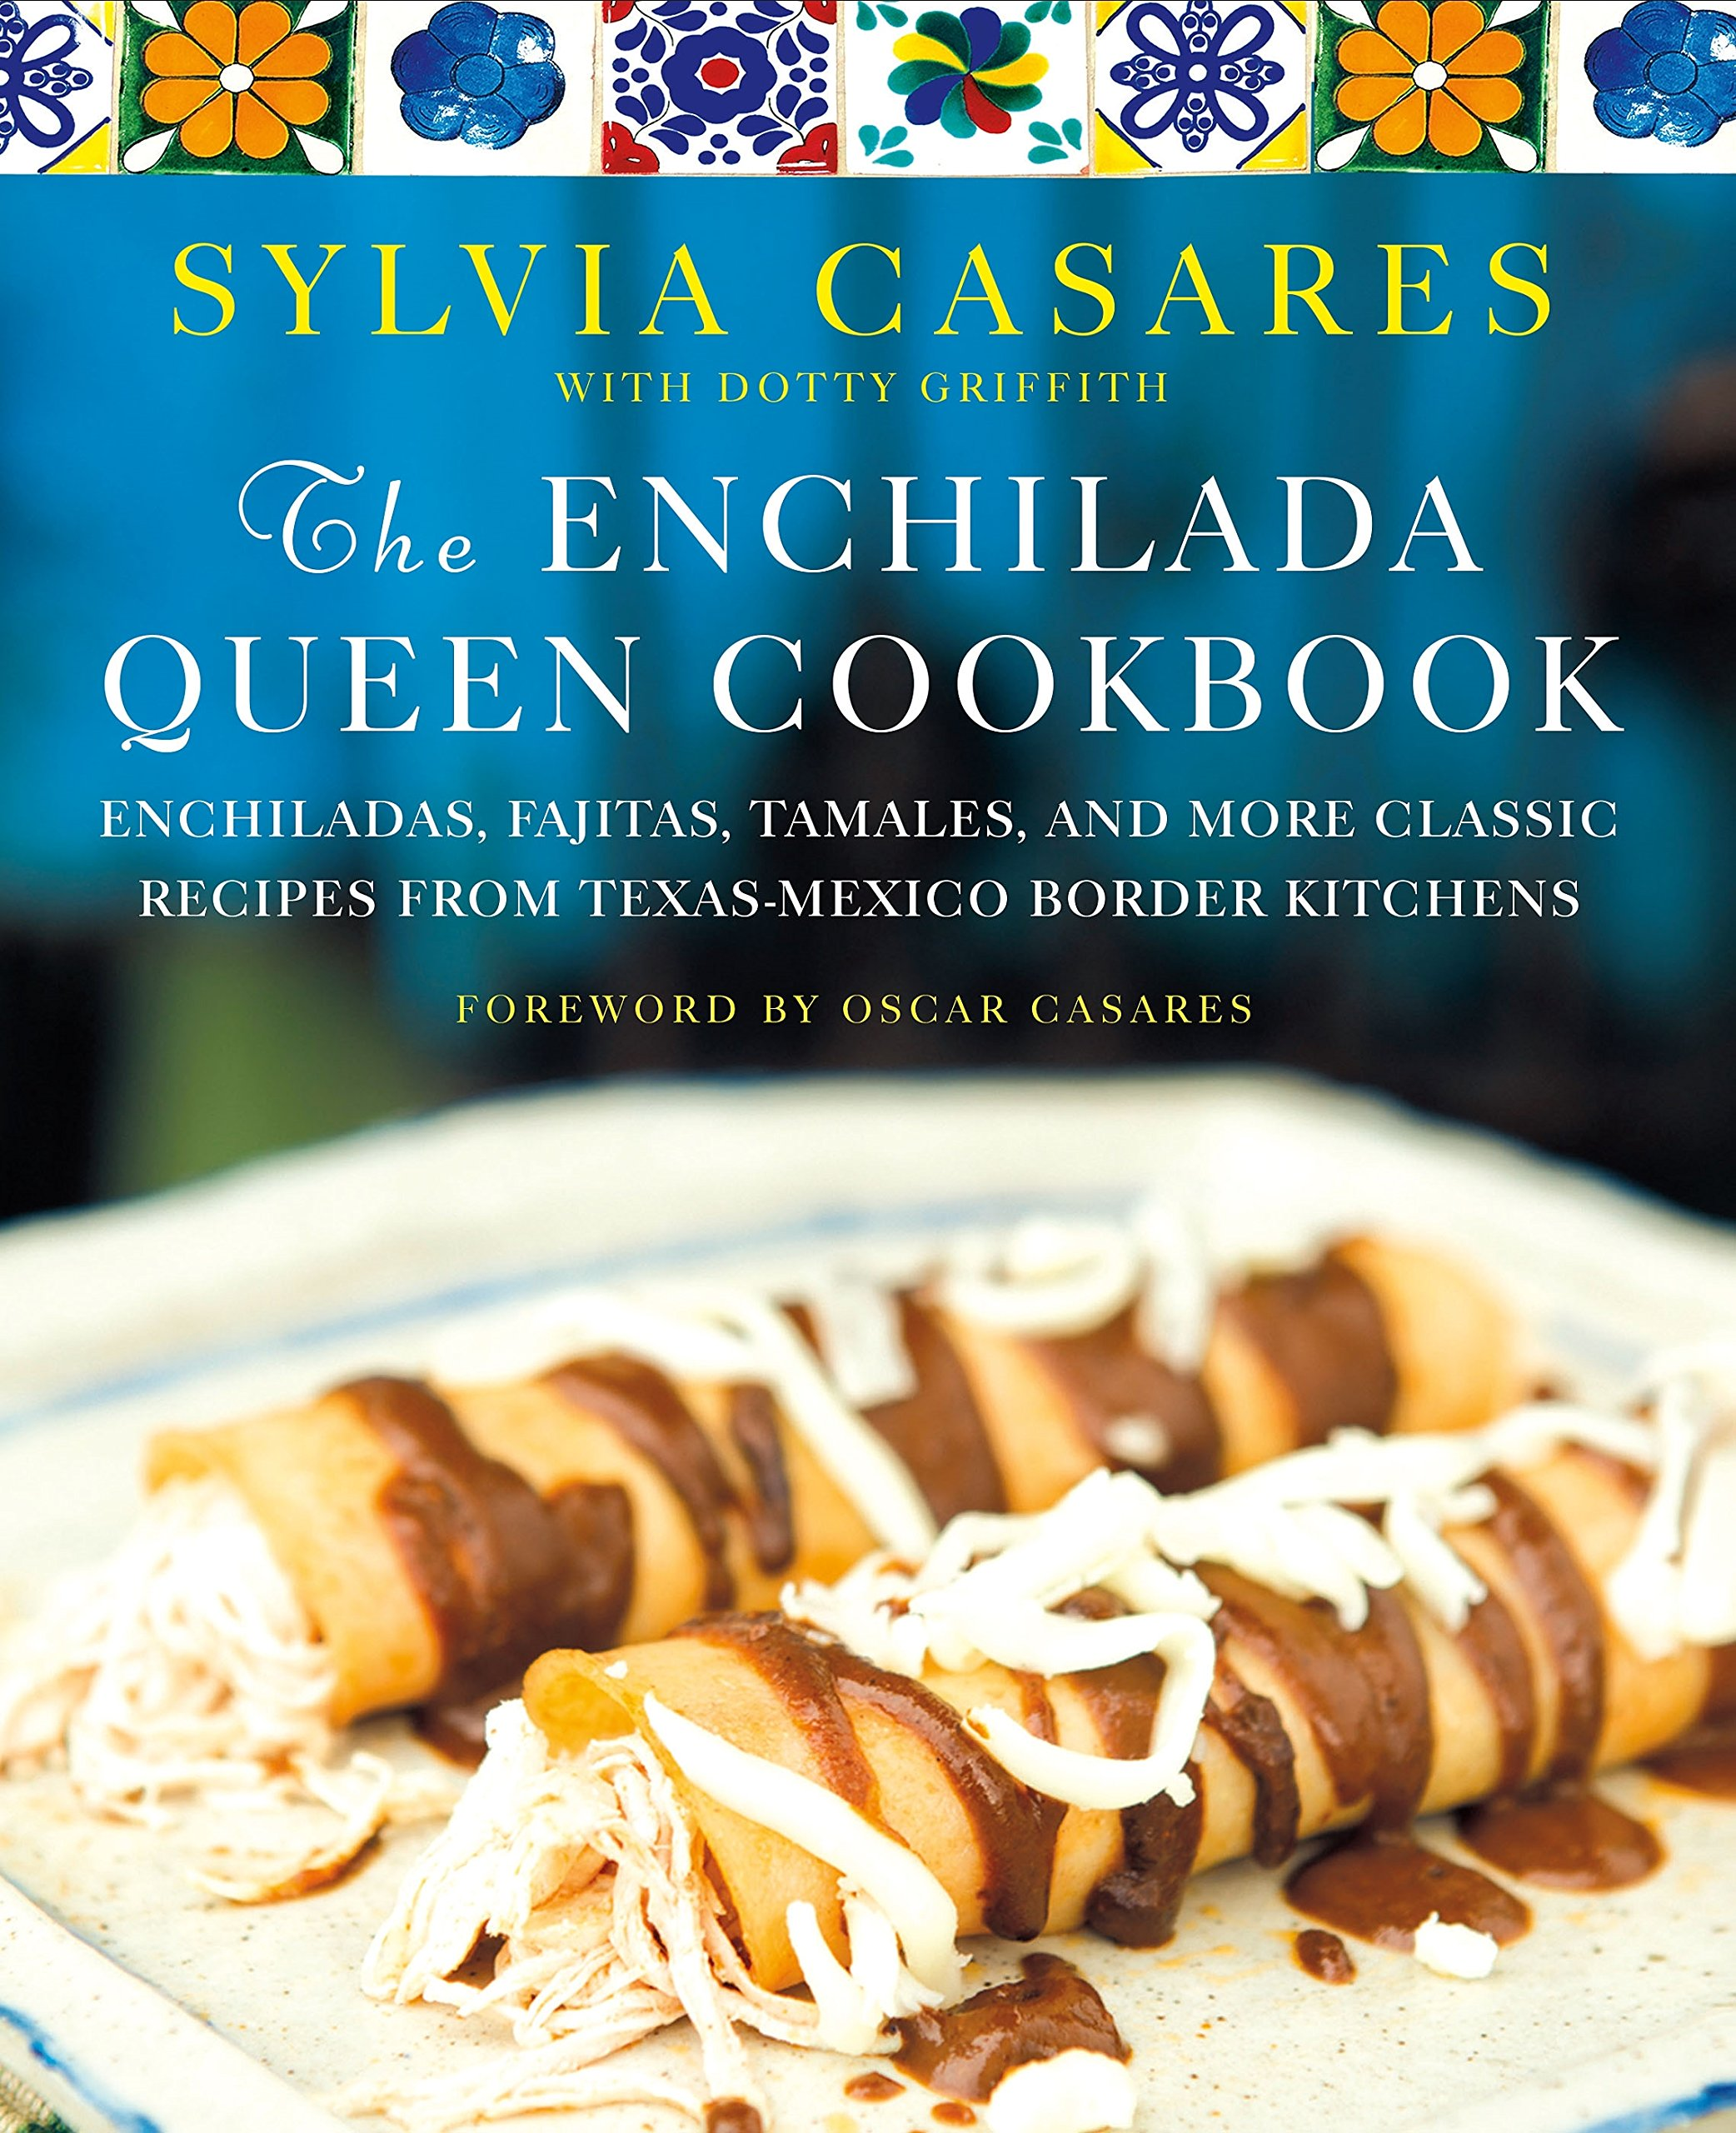 The Enchilada Queen Cookbook: Enchiladas, Fajitas, Tamales, and More ...